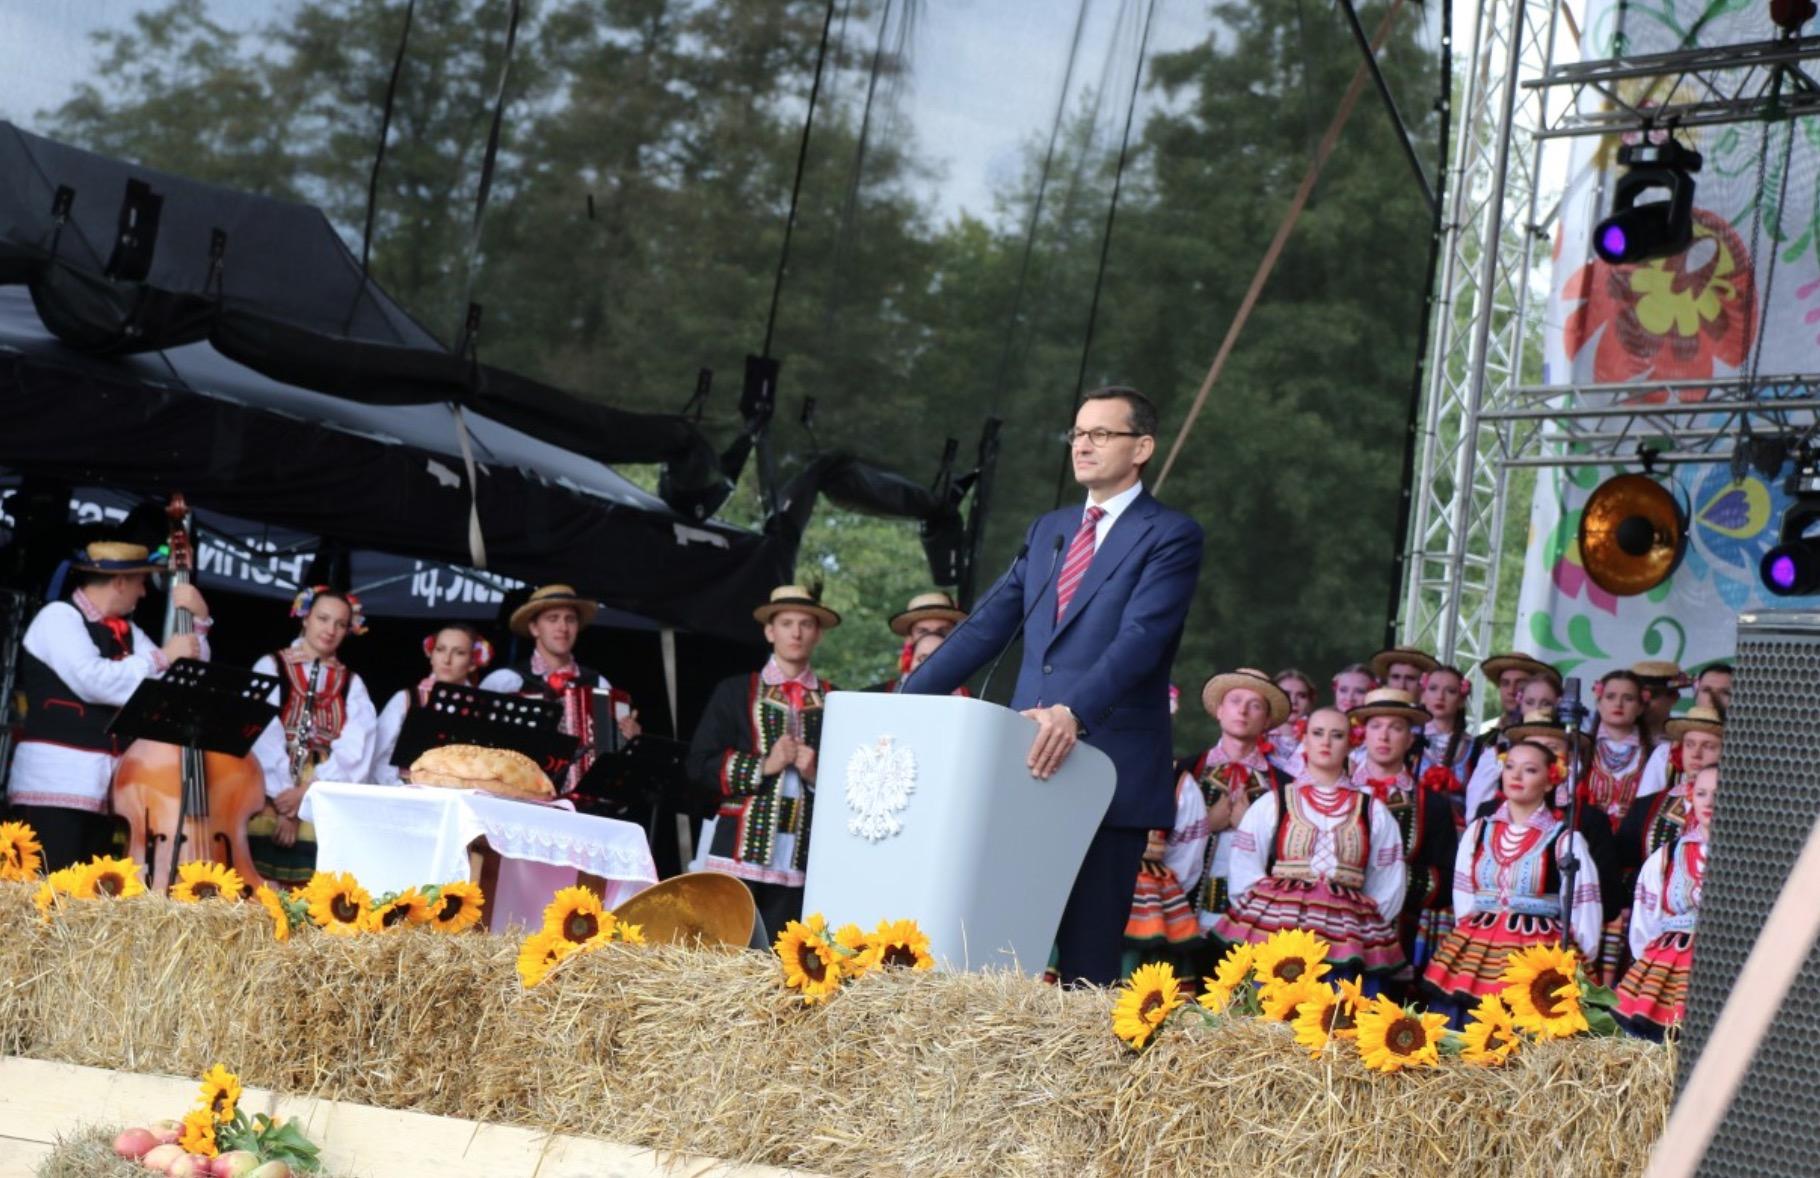 Święto Wdzięczni Polskiej Wsi w Wąwolnicy